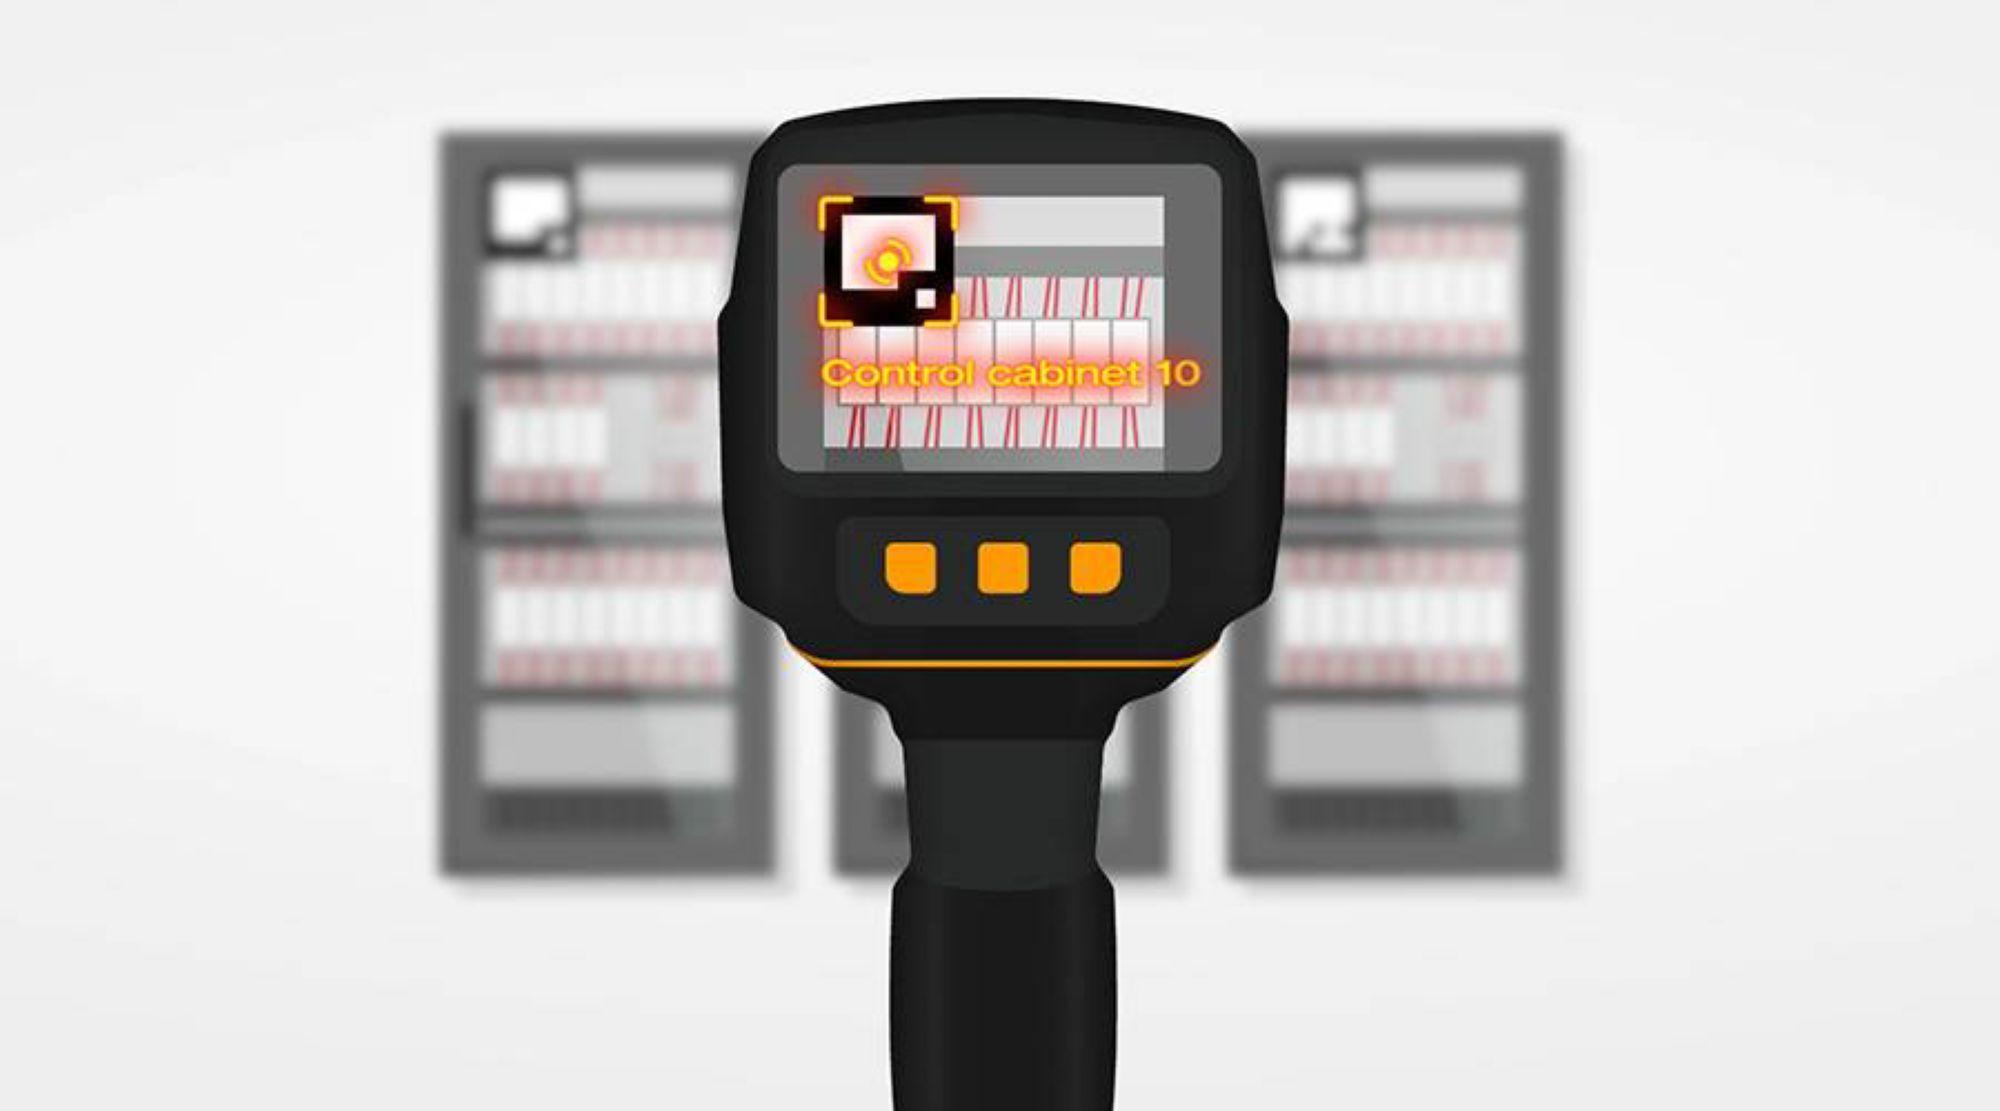 testo-883-PressRelease-P3-2-facility-900x500.jpg